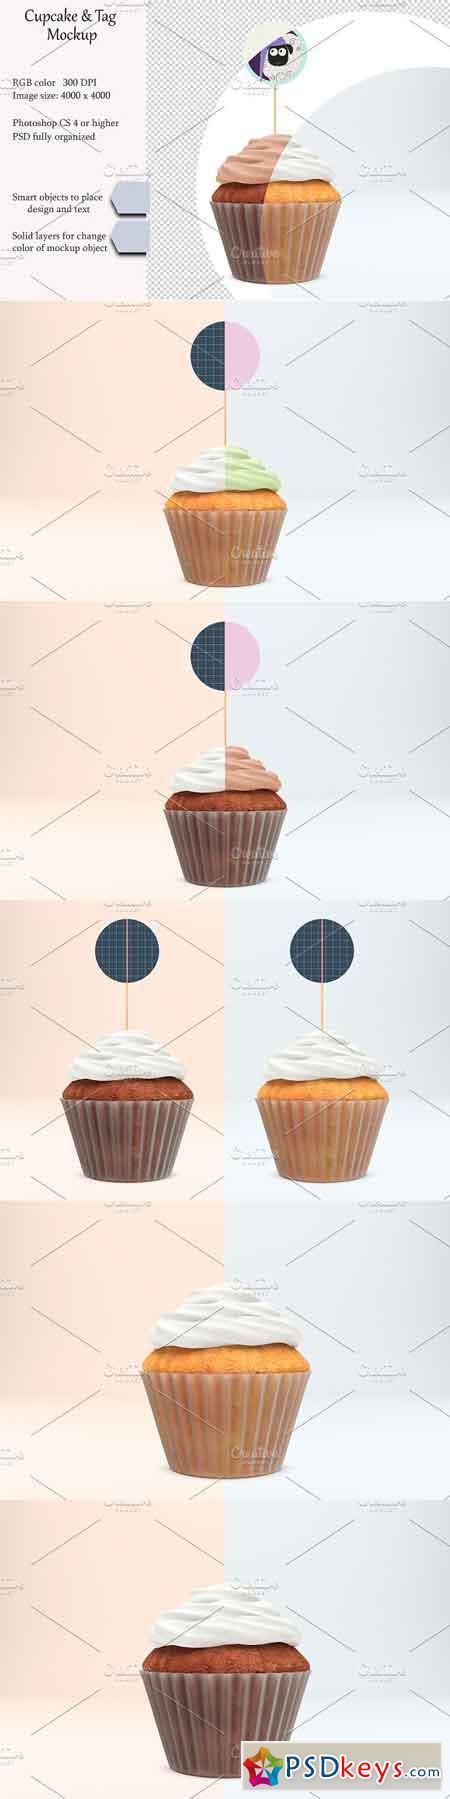 Cupcake tag mockup PSD mockup 3112357